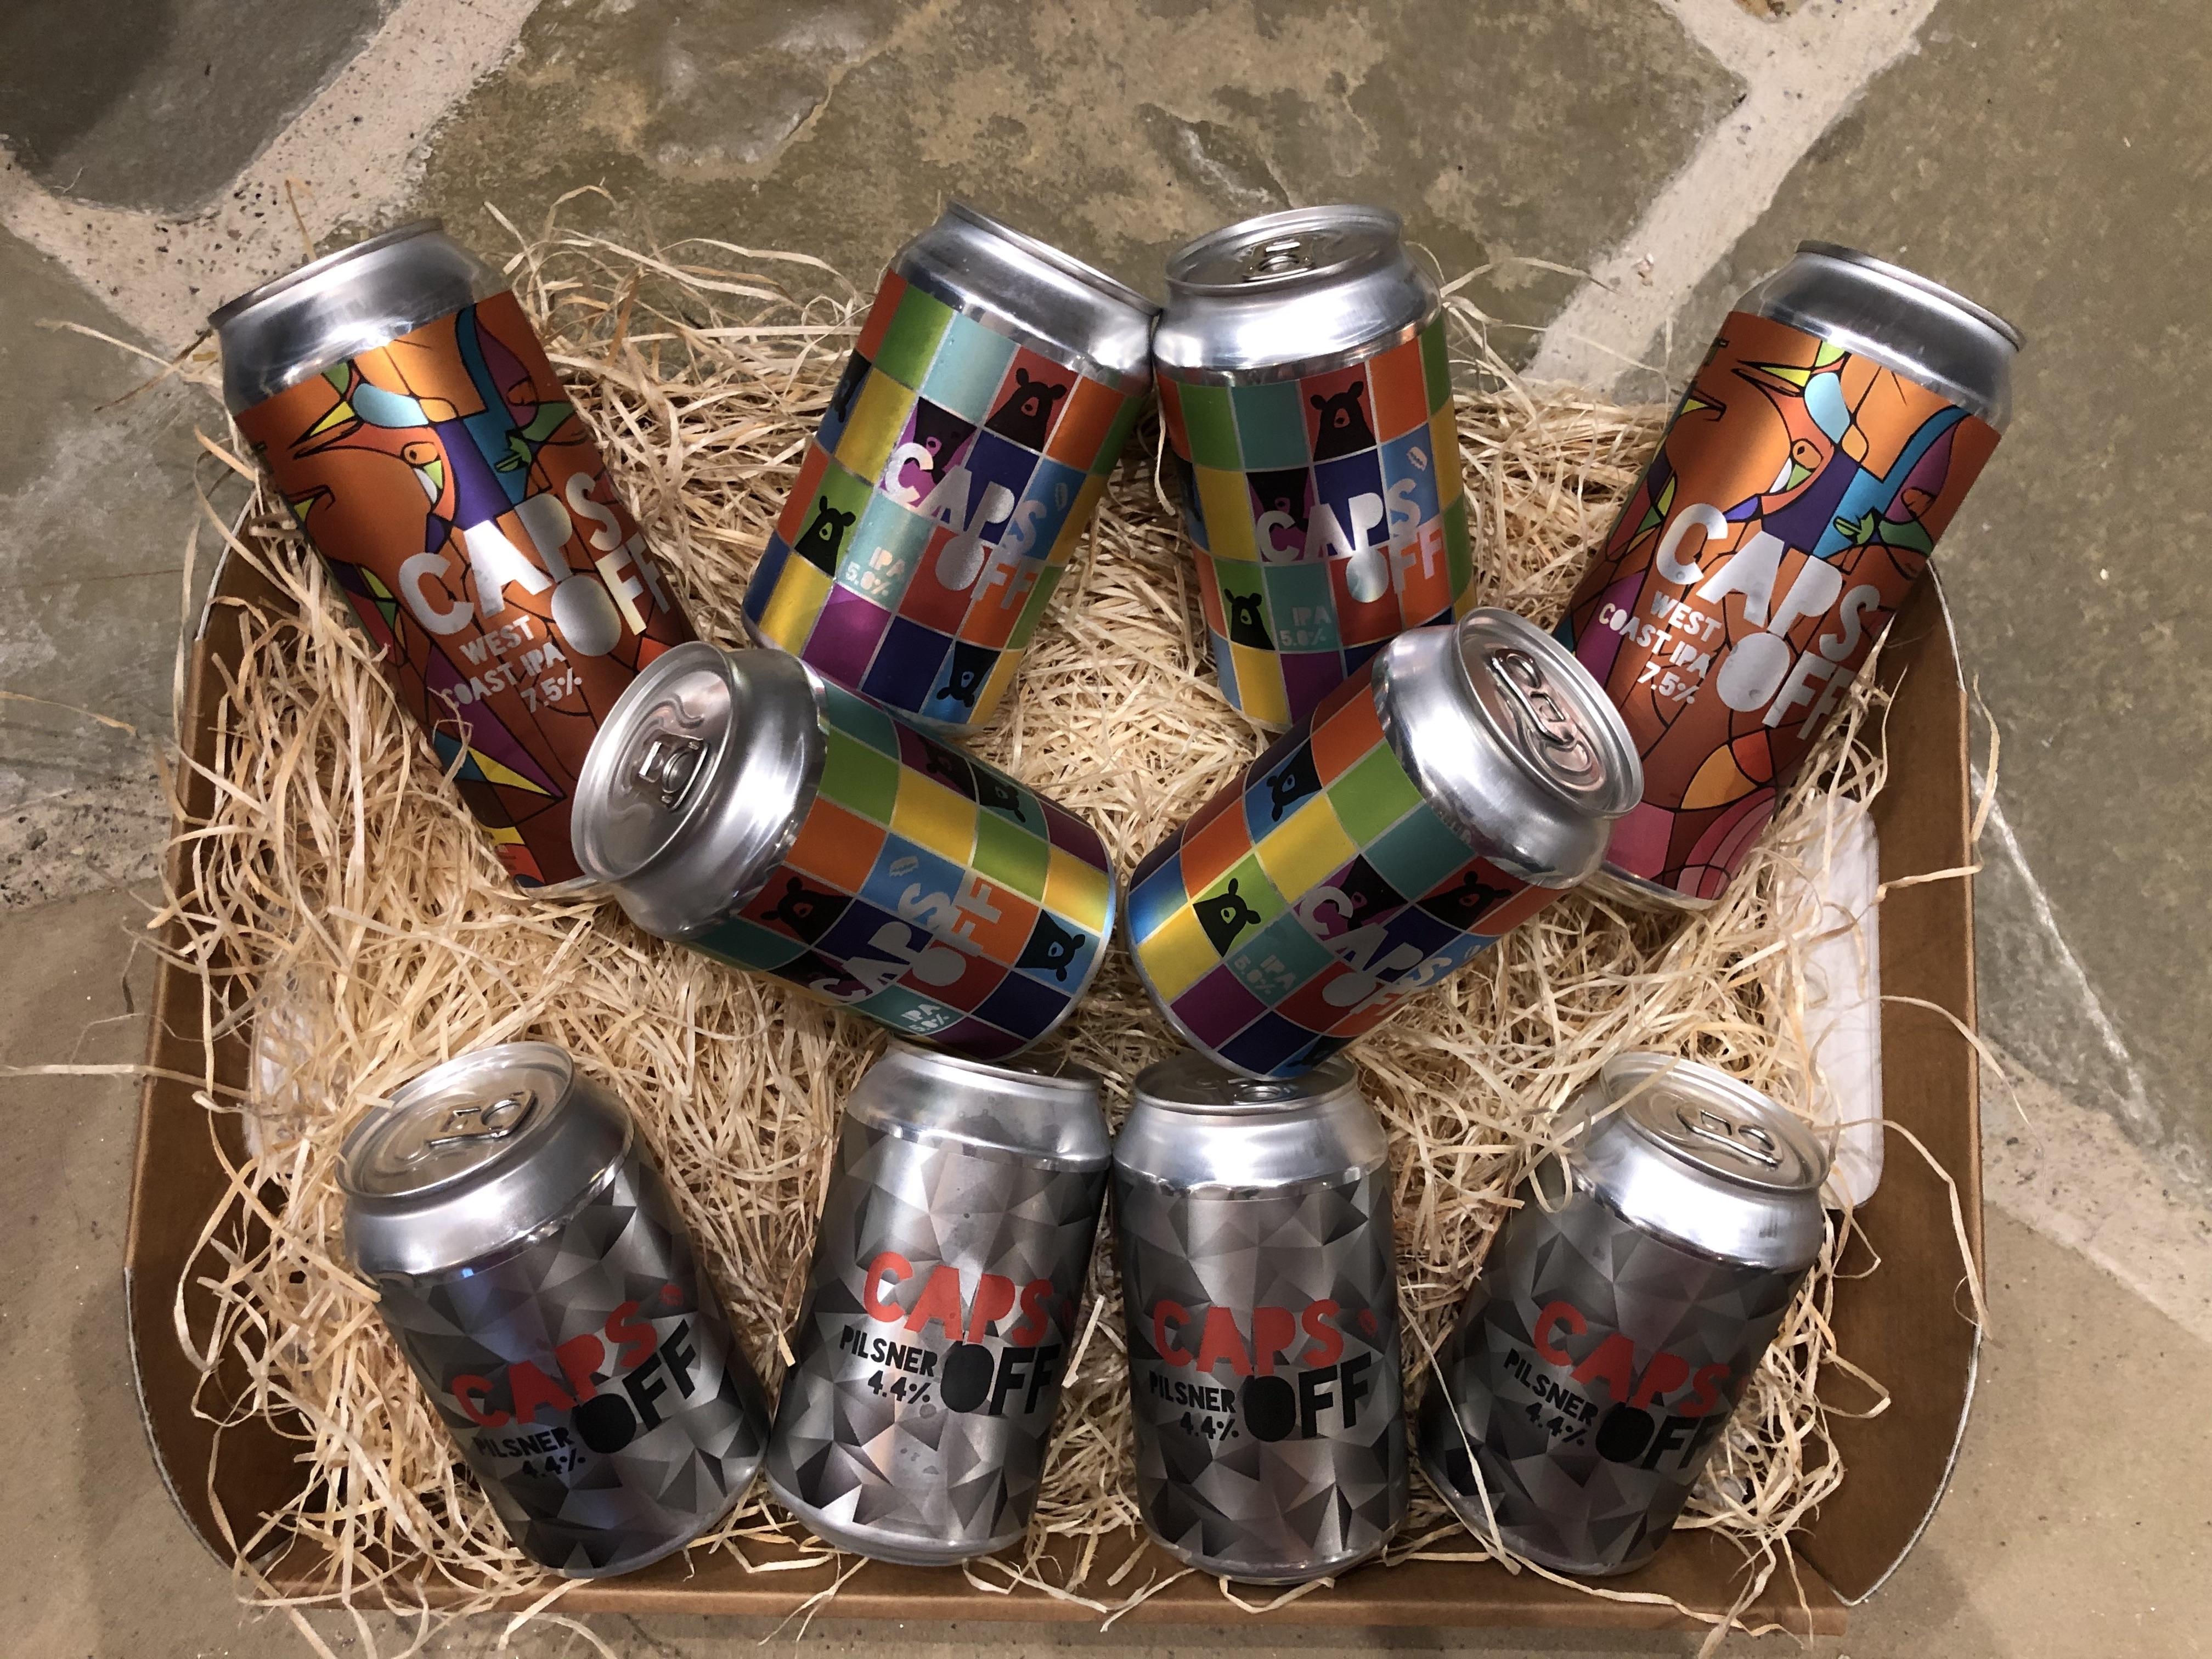 Clarks Hamper - Beer